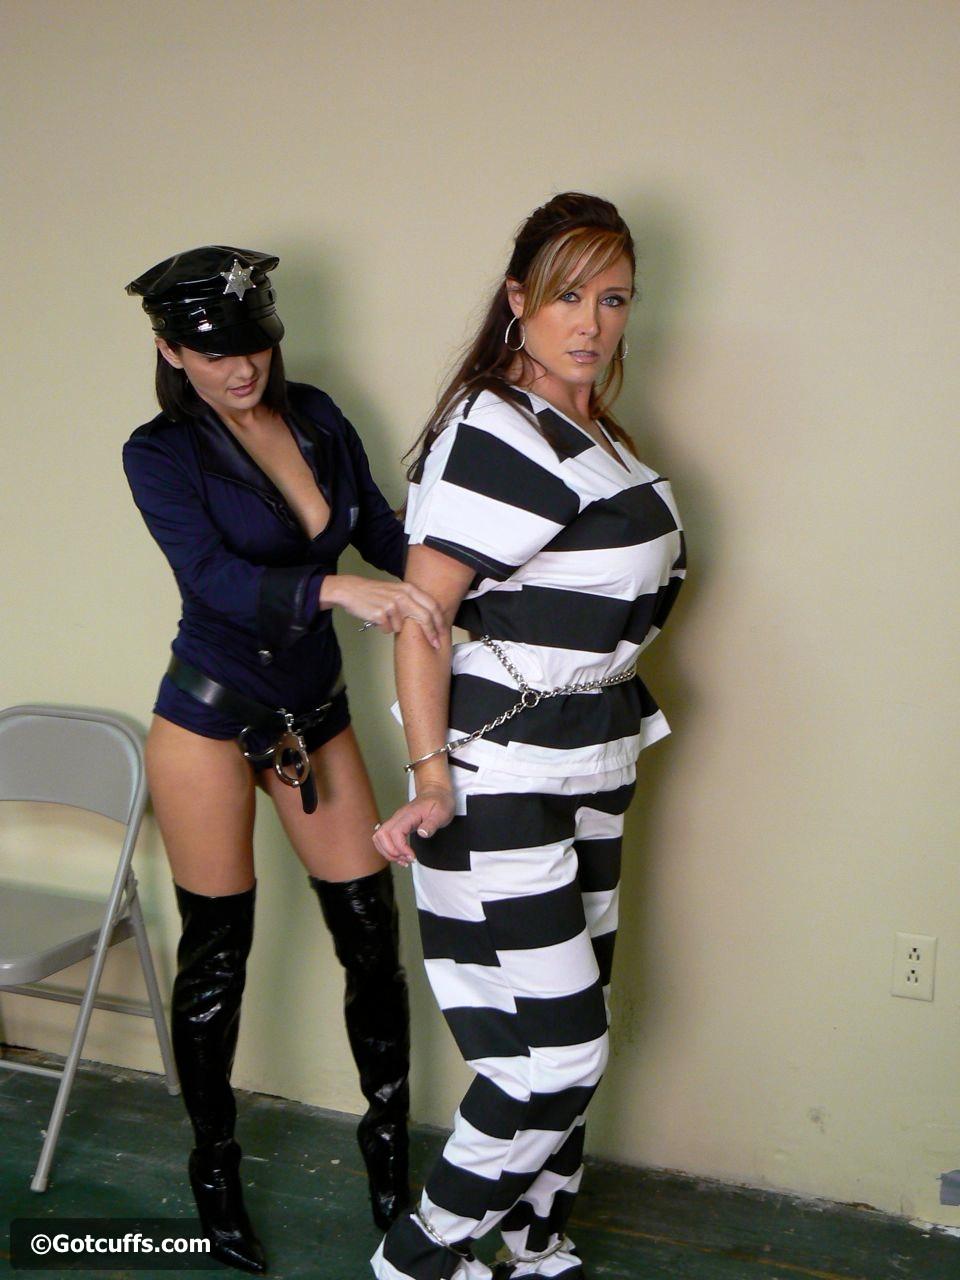 Christina Carter and Lola Lynn Photos 7-23-11: gotcuffs.com/content/?cat=34